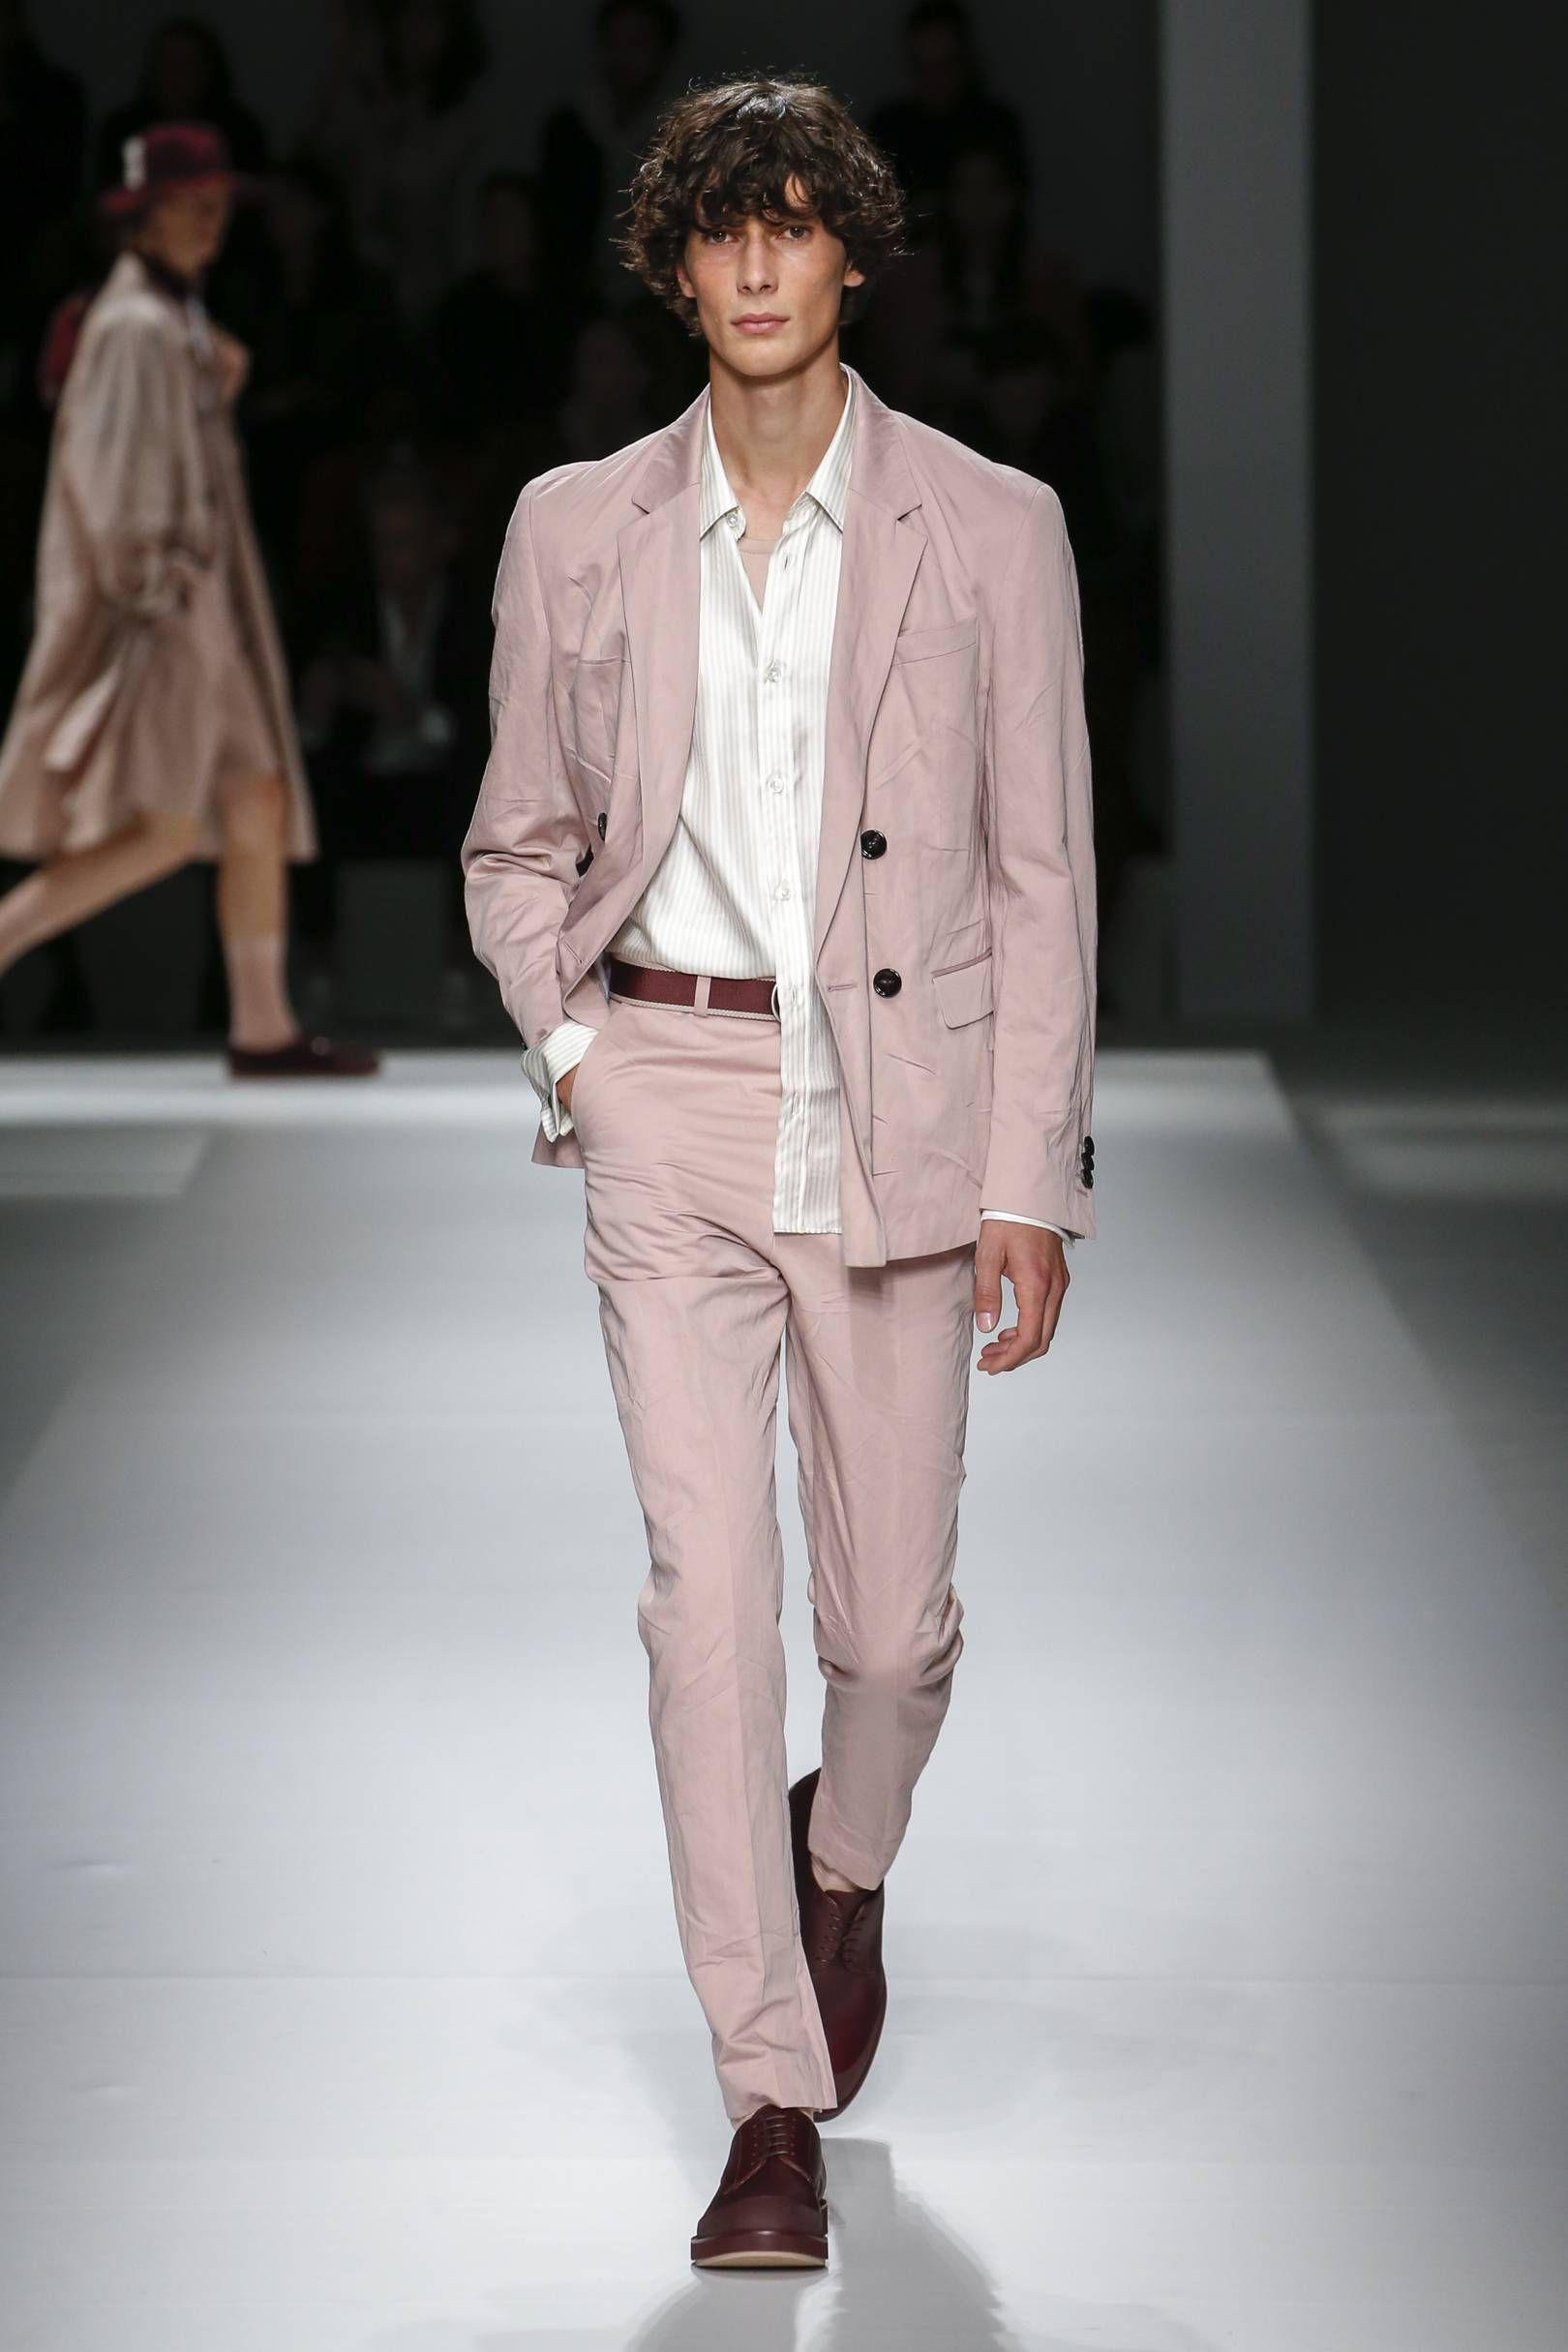 e07f8b46da5 BOSS Spring/Summer 2019 Ready-To-Wear | Smart man | Stylish mens ...